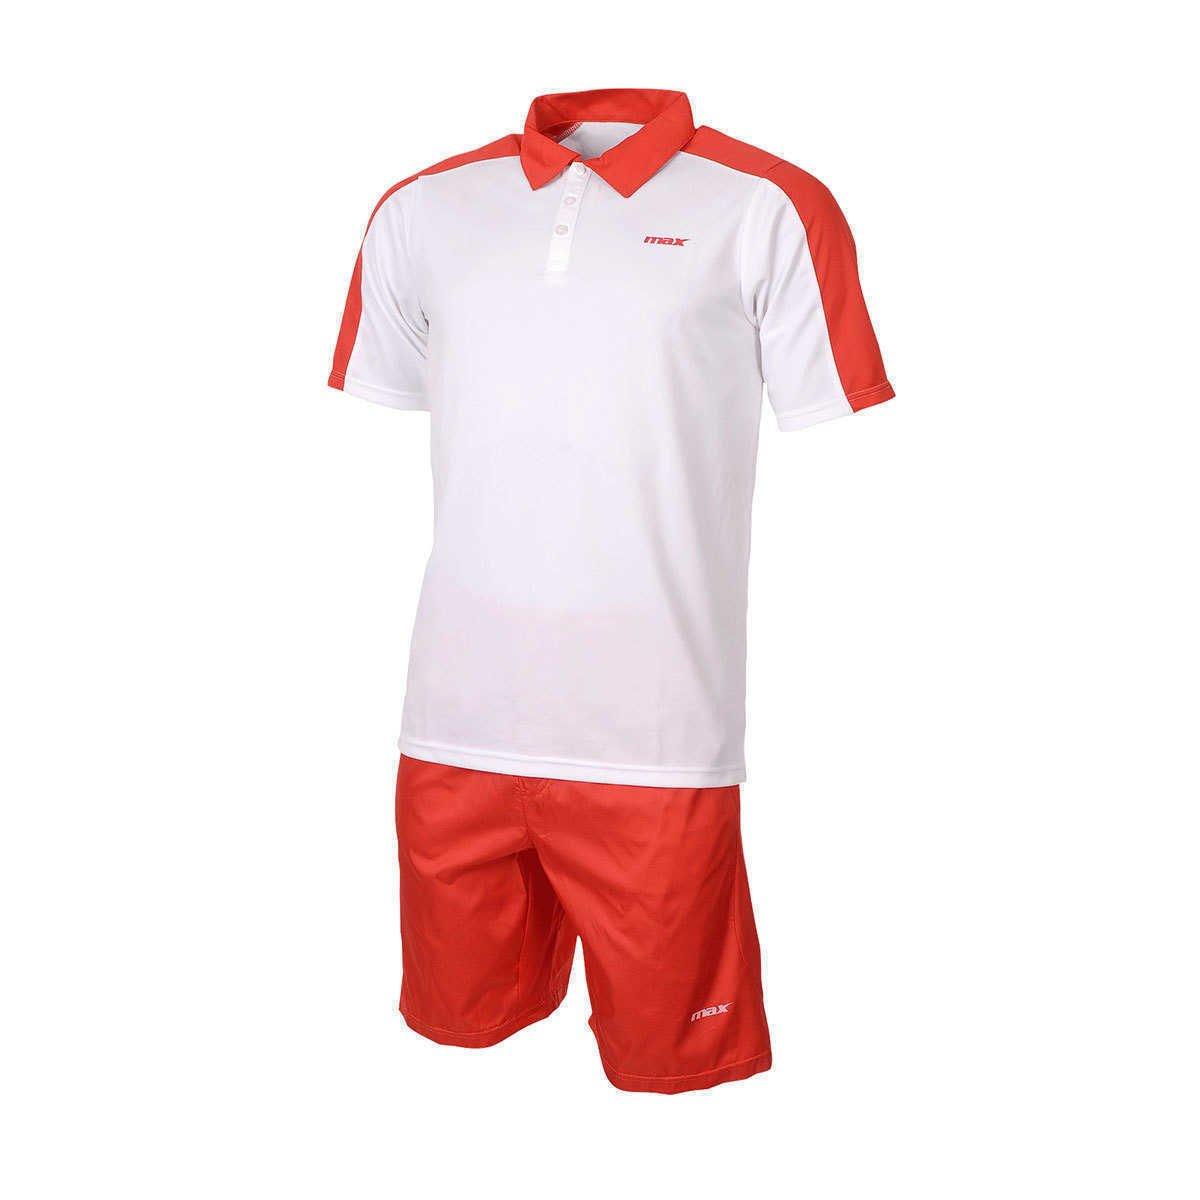 Max Completo Tennis Wimbledon Bianco Rosso SPORT ALLENAMENTO MANICA CORTA